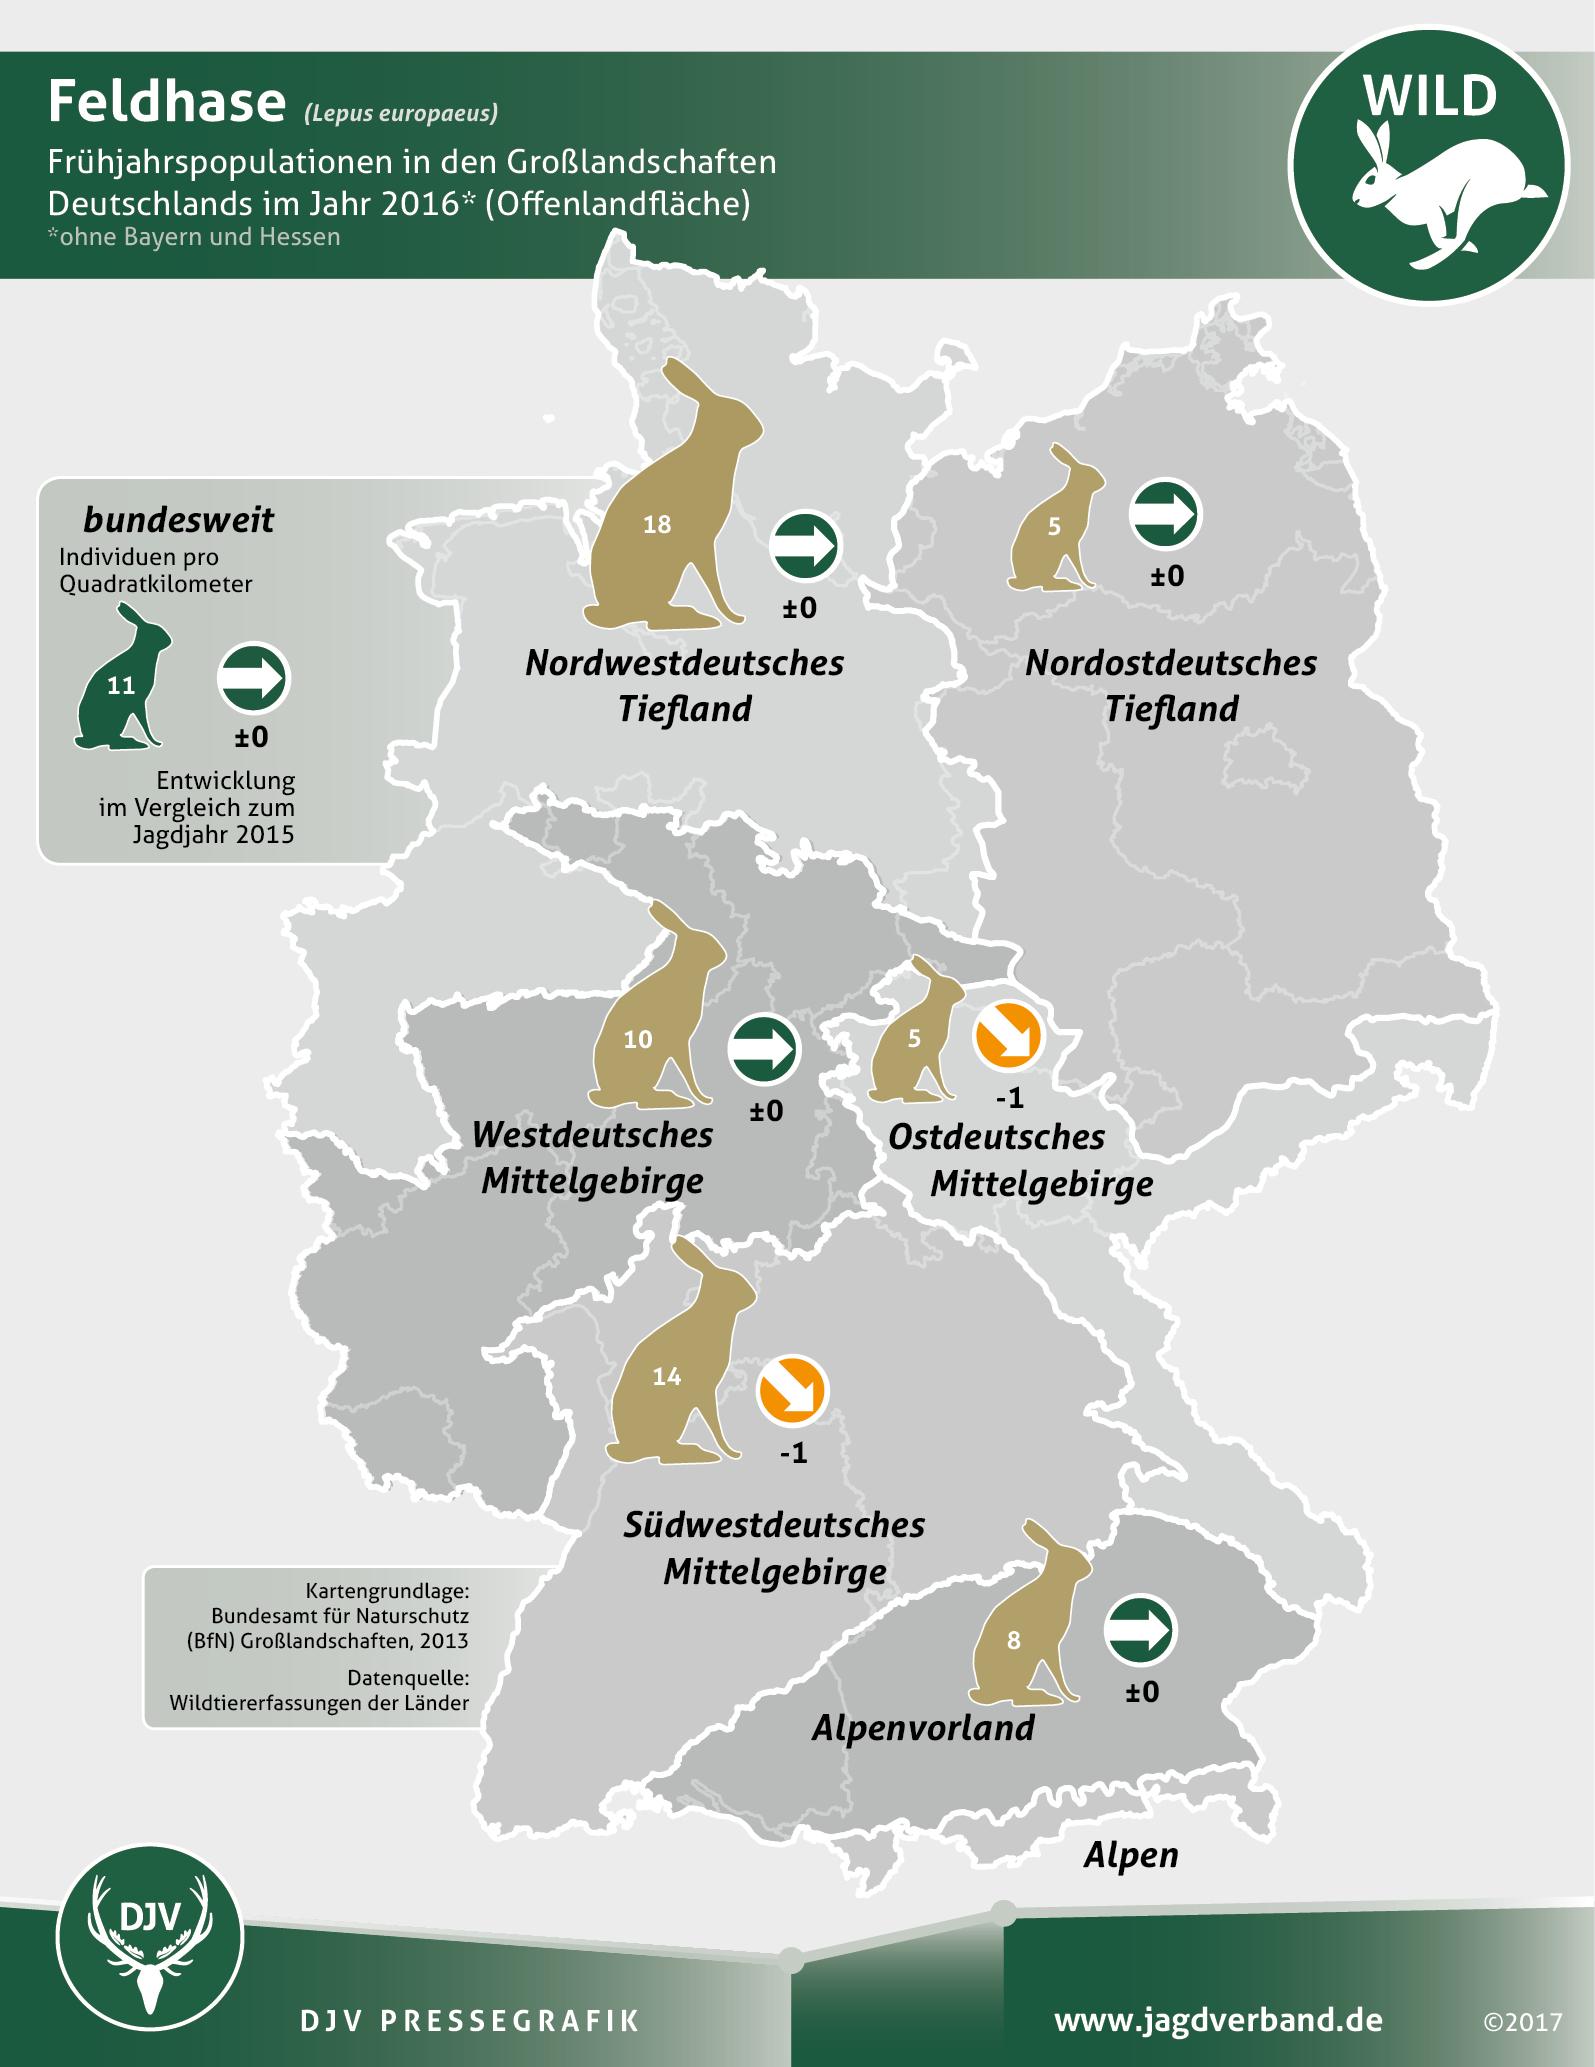 Feldhasen in Deutschland 2016